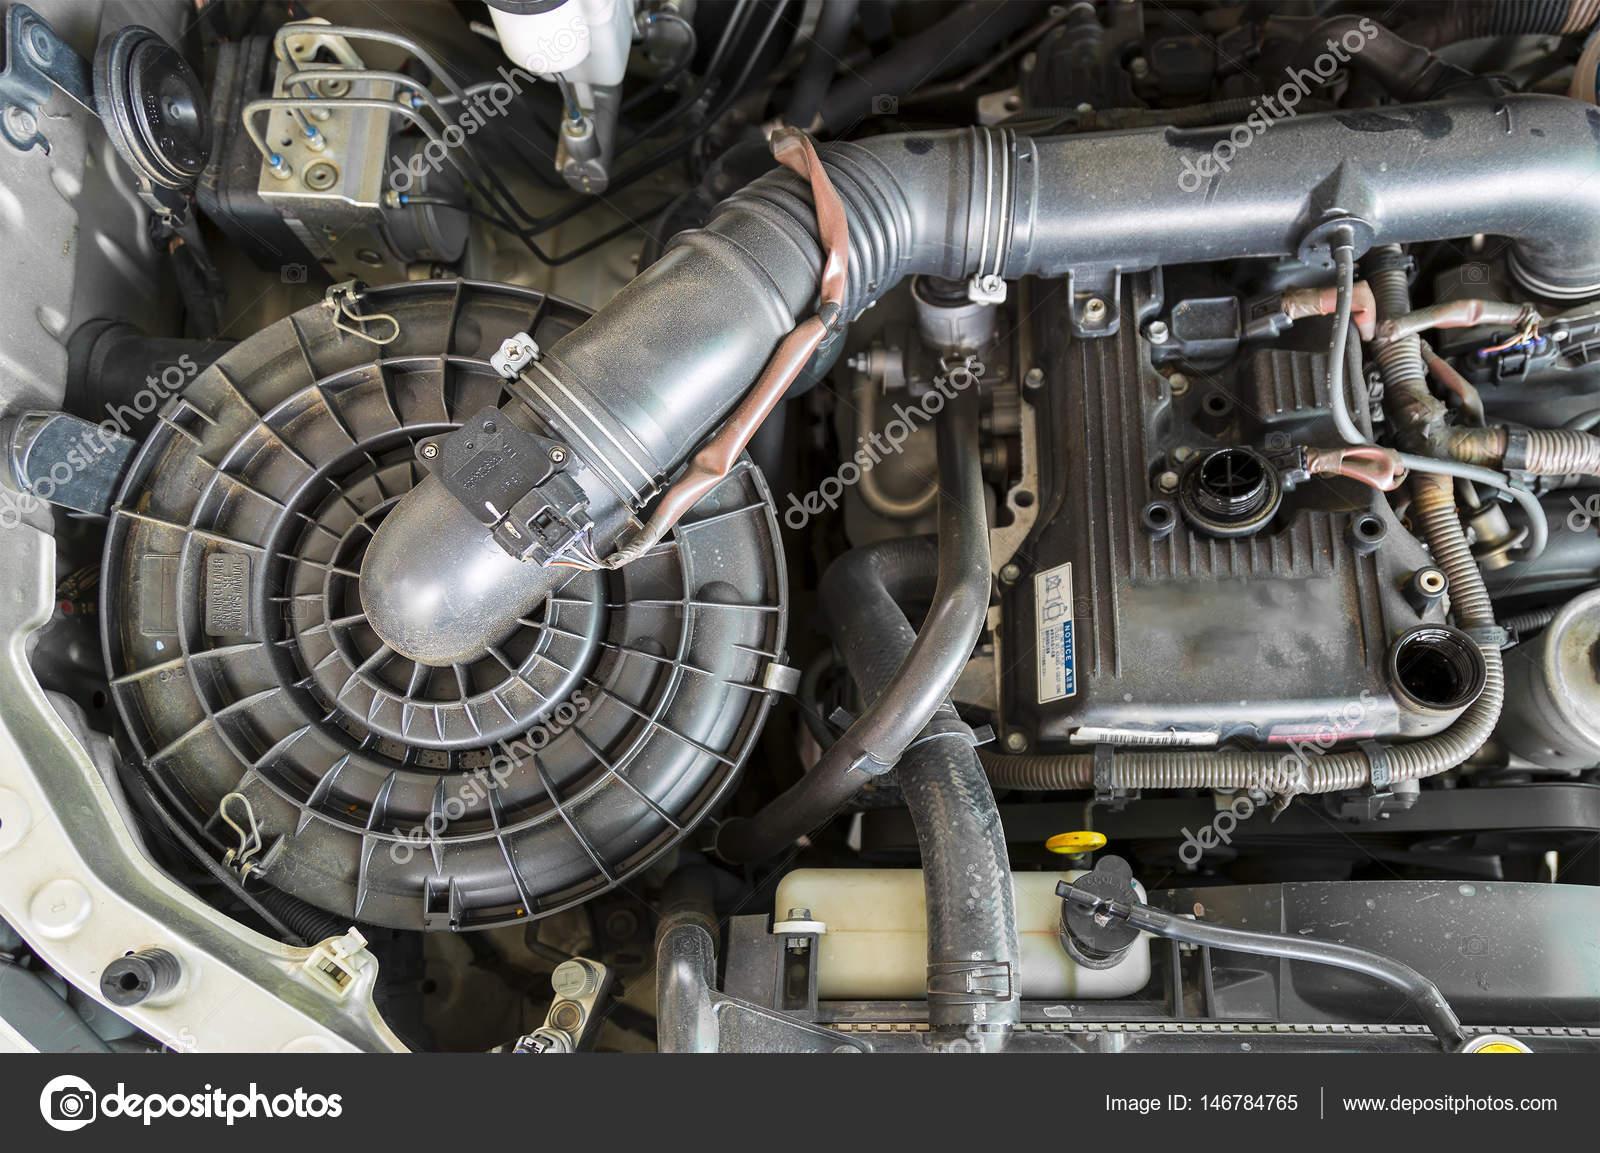 Innenansicht der Automotor einschließlich Luftfilter, poliert Filte ...